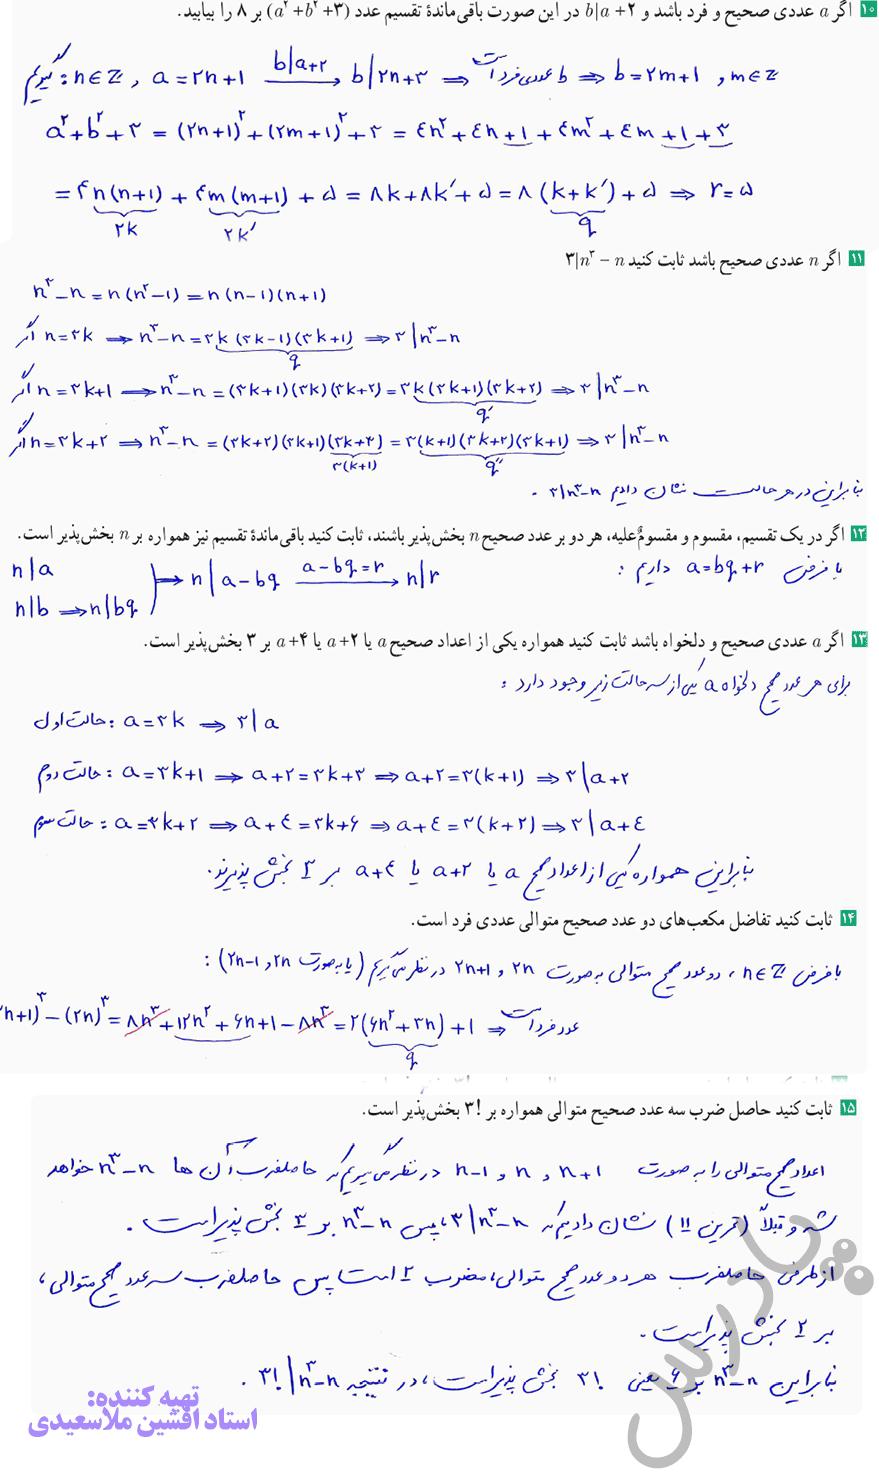 ادامه حل تمرین صفحه 16 ریاضیات گسسته دوازدهم